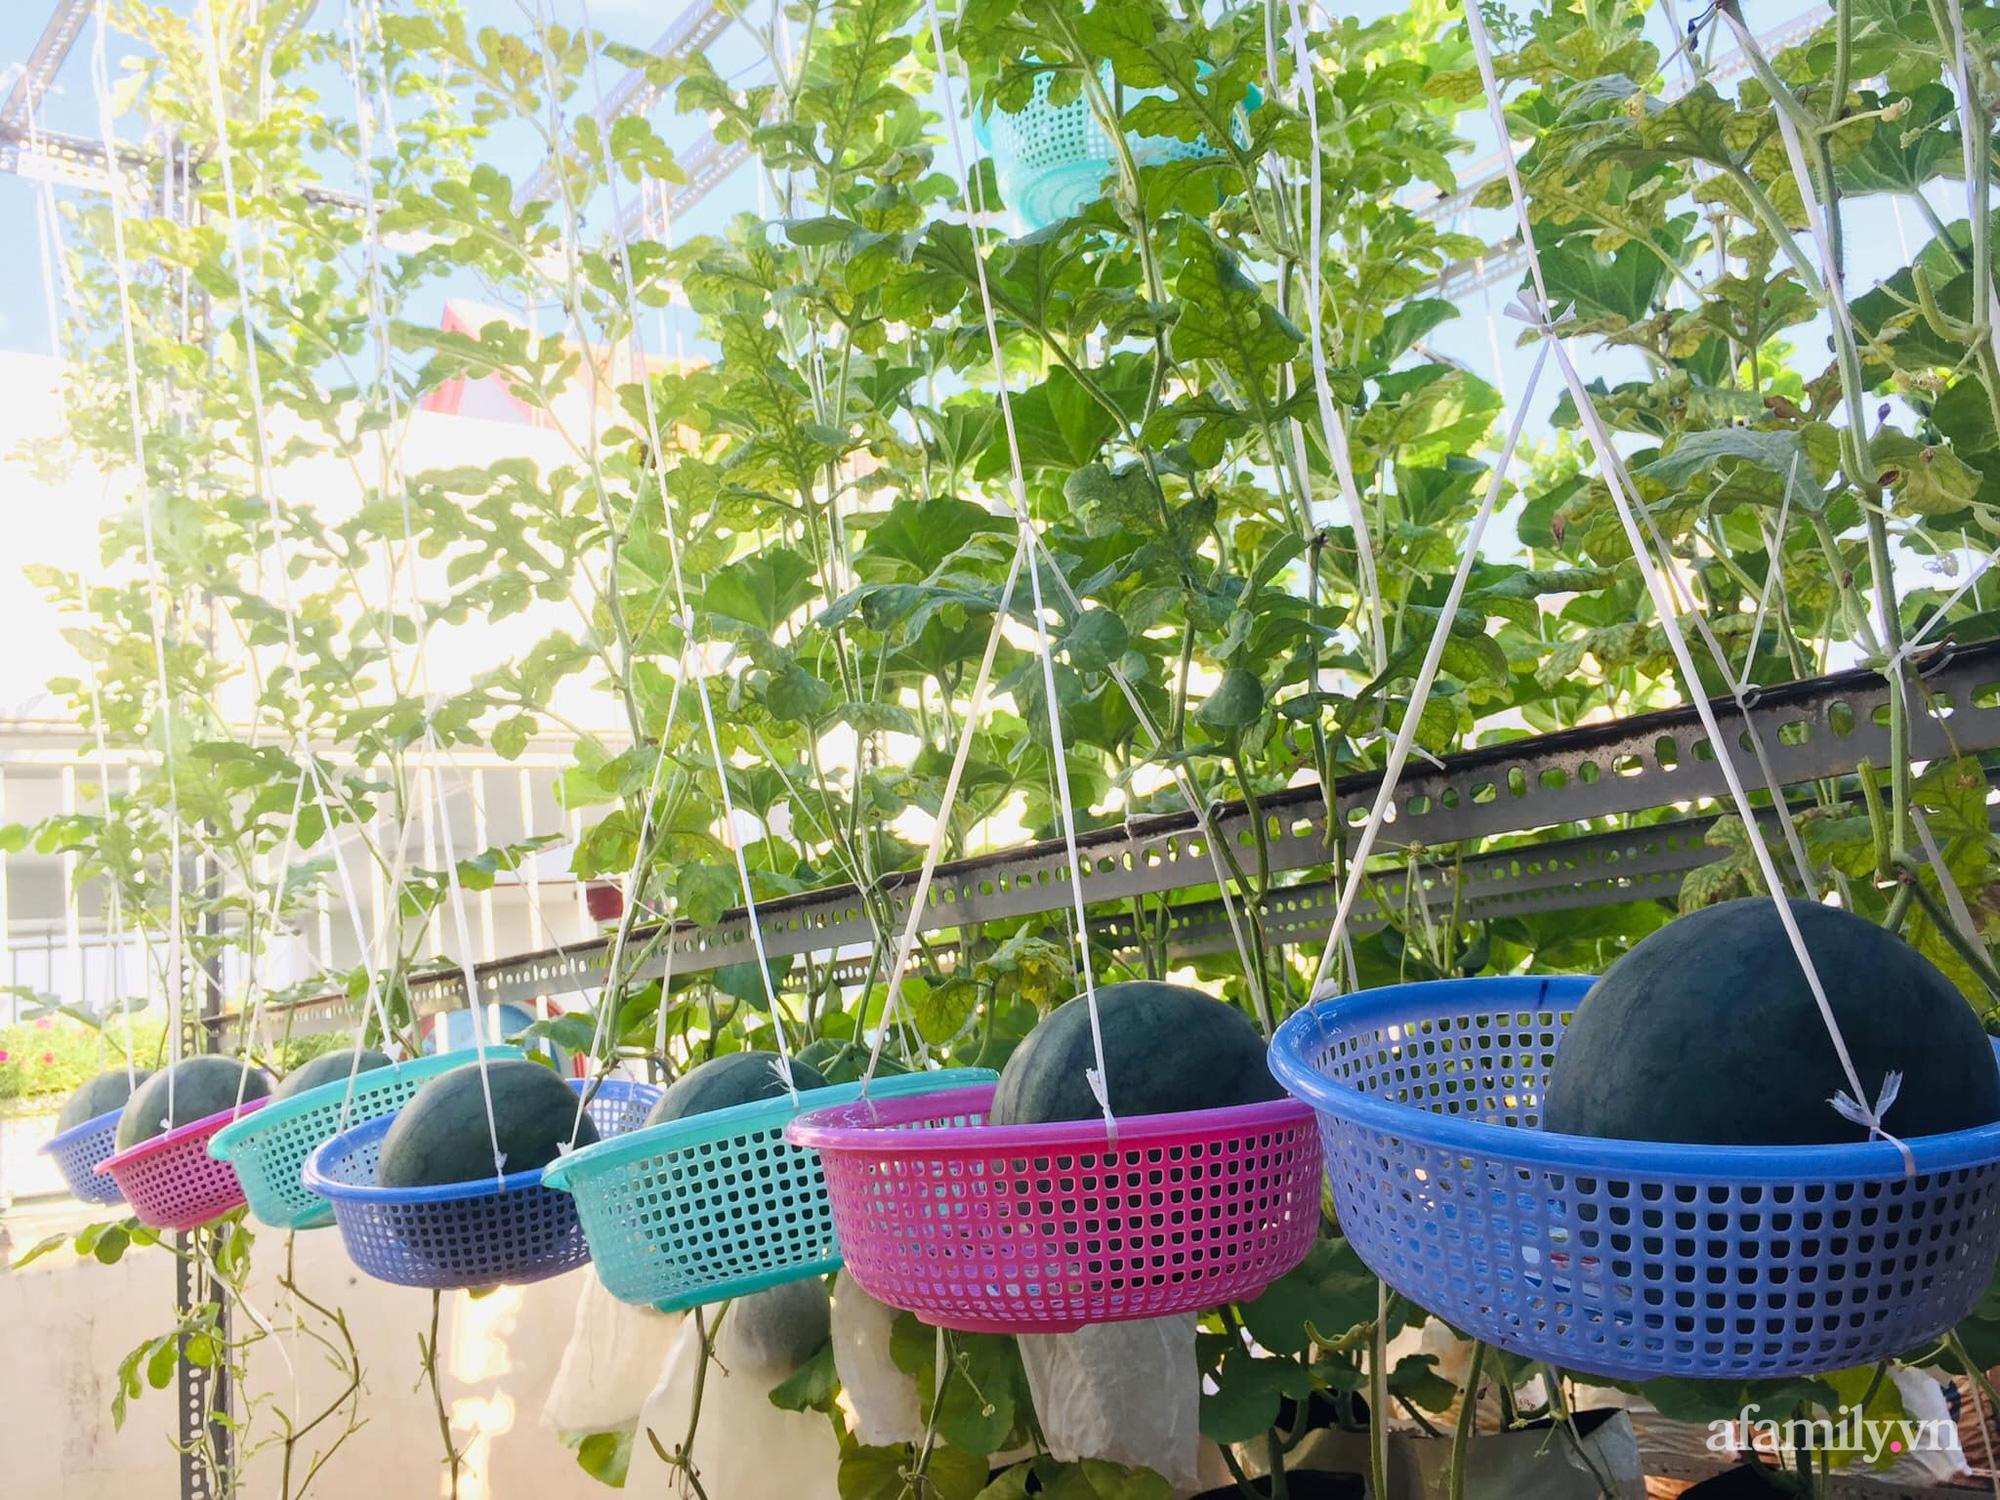 Ghé thăm sân thượng thu hoạch cả tạ dưa đủ loại của người phụ nữ đảm đang ở quận 6, Sài Gòn - Ảnh 5.